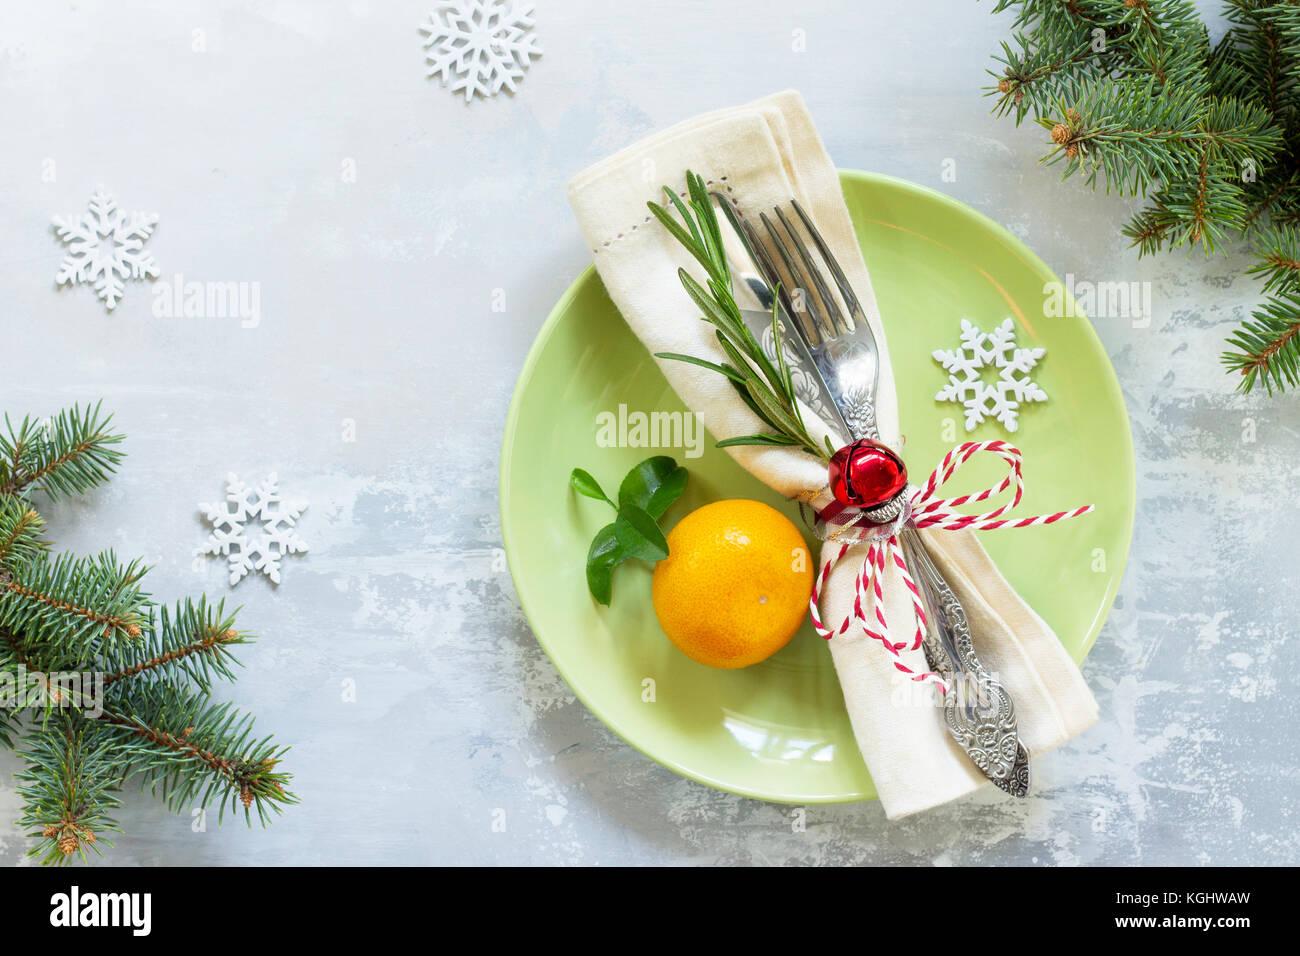 Holiday sfondo. decor tavola di natale su pietra o ardesia background. piastra verde, posate e decorazioni. vista Immagini Stock